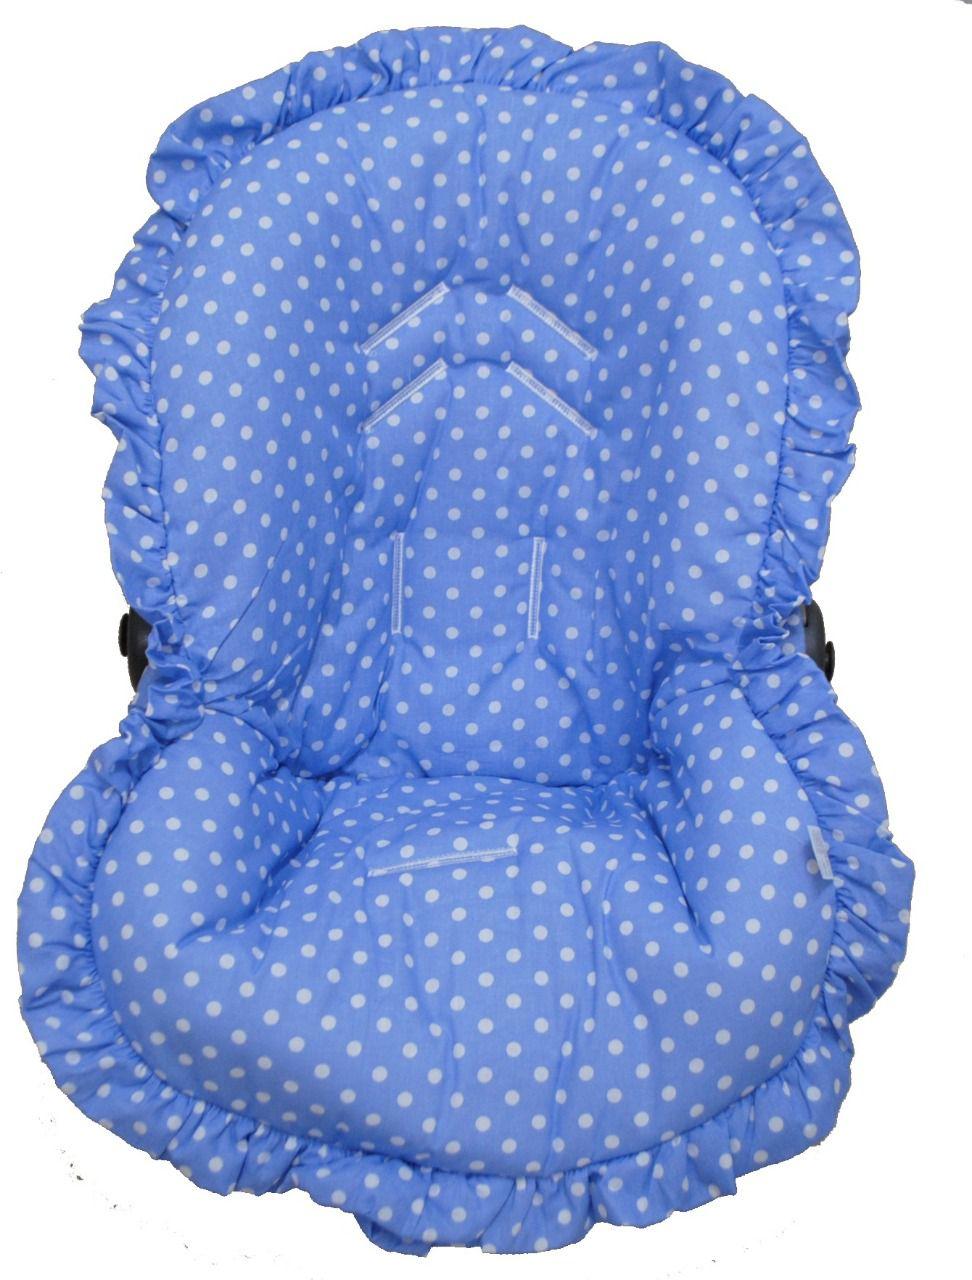 Capa Para Bebê Conforto Poá Azul 100% Algodão